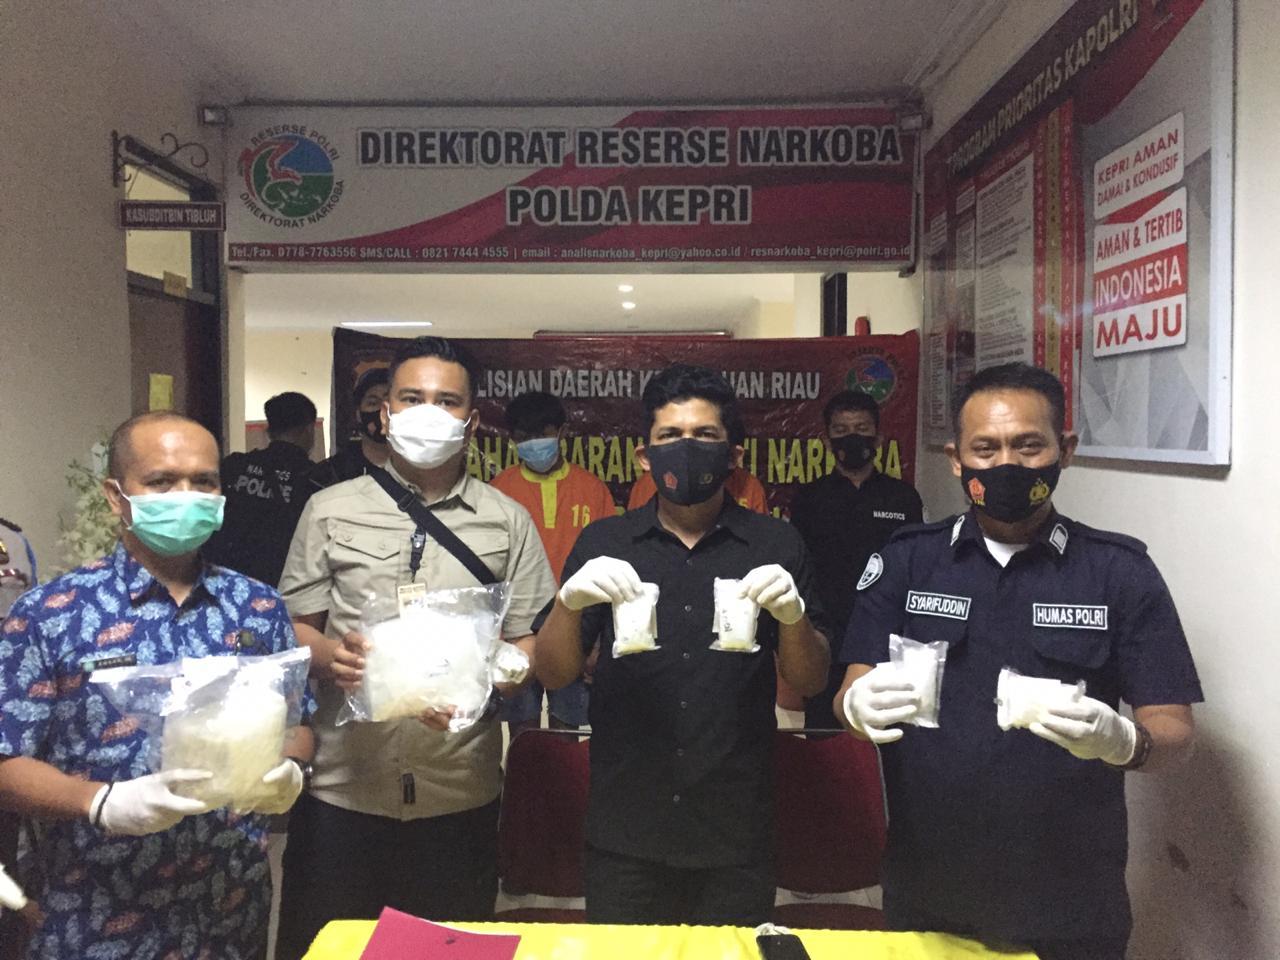 Foto Ditresnarkoba, Ditresnarkoba Polda Kepri, kurir sabu, pemusnahan narkoba, Sabu-sabu